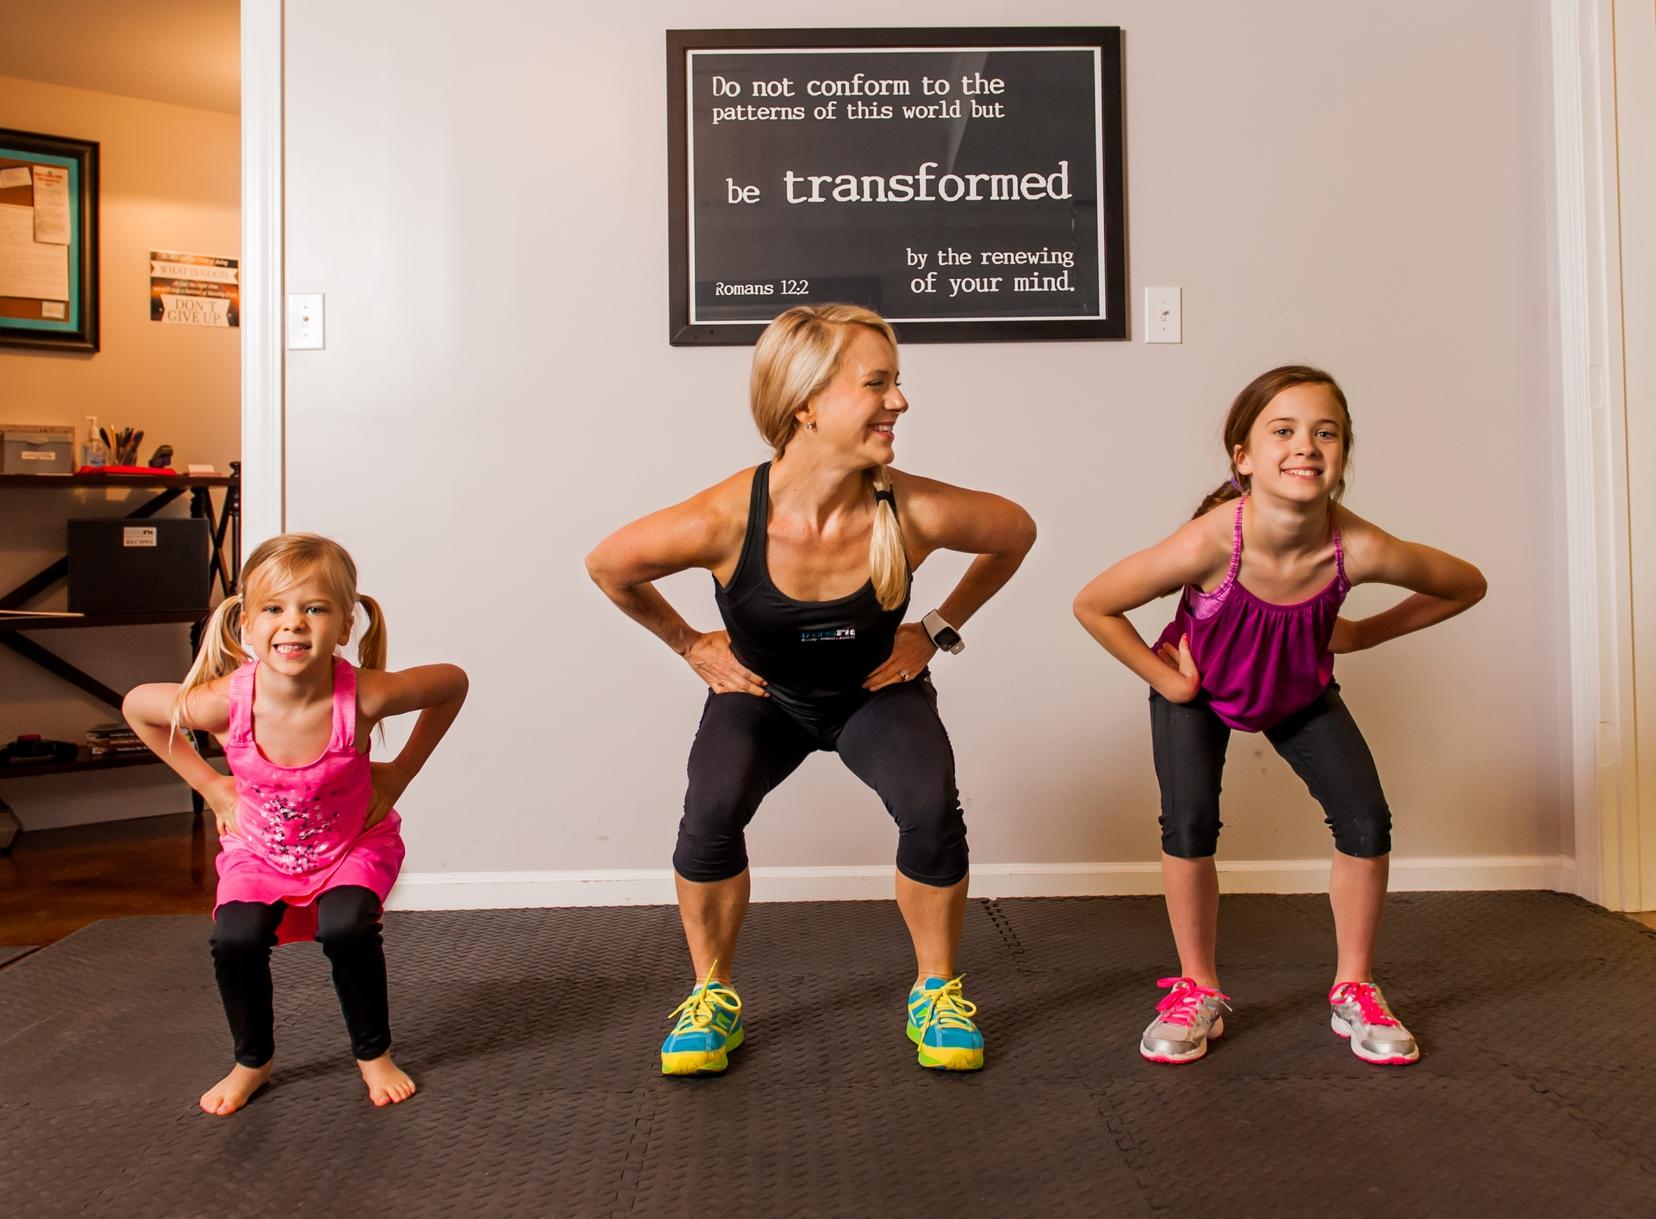 Lyla, Caroline, & Kaitlyn practicing those squats!